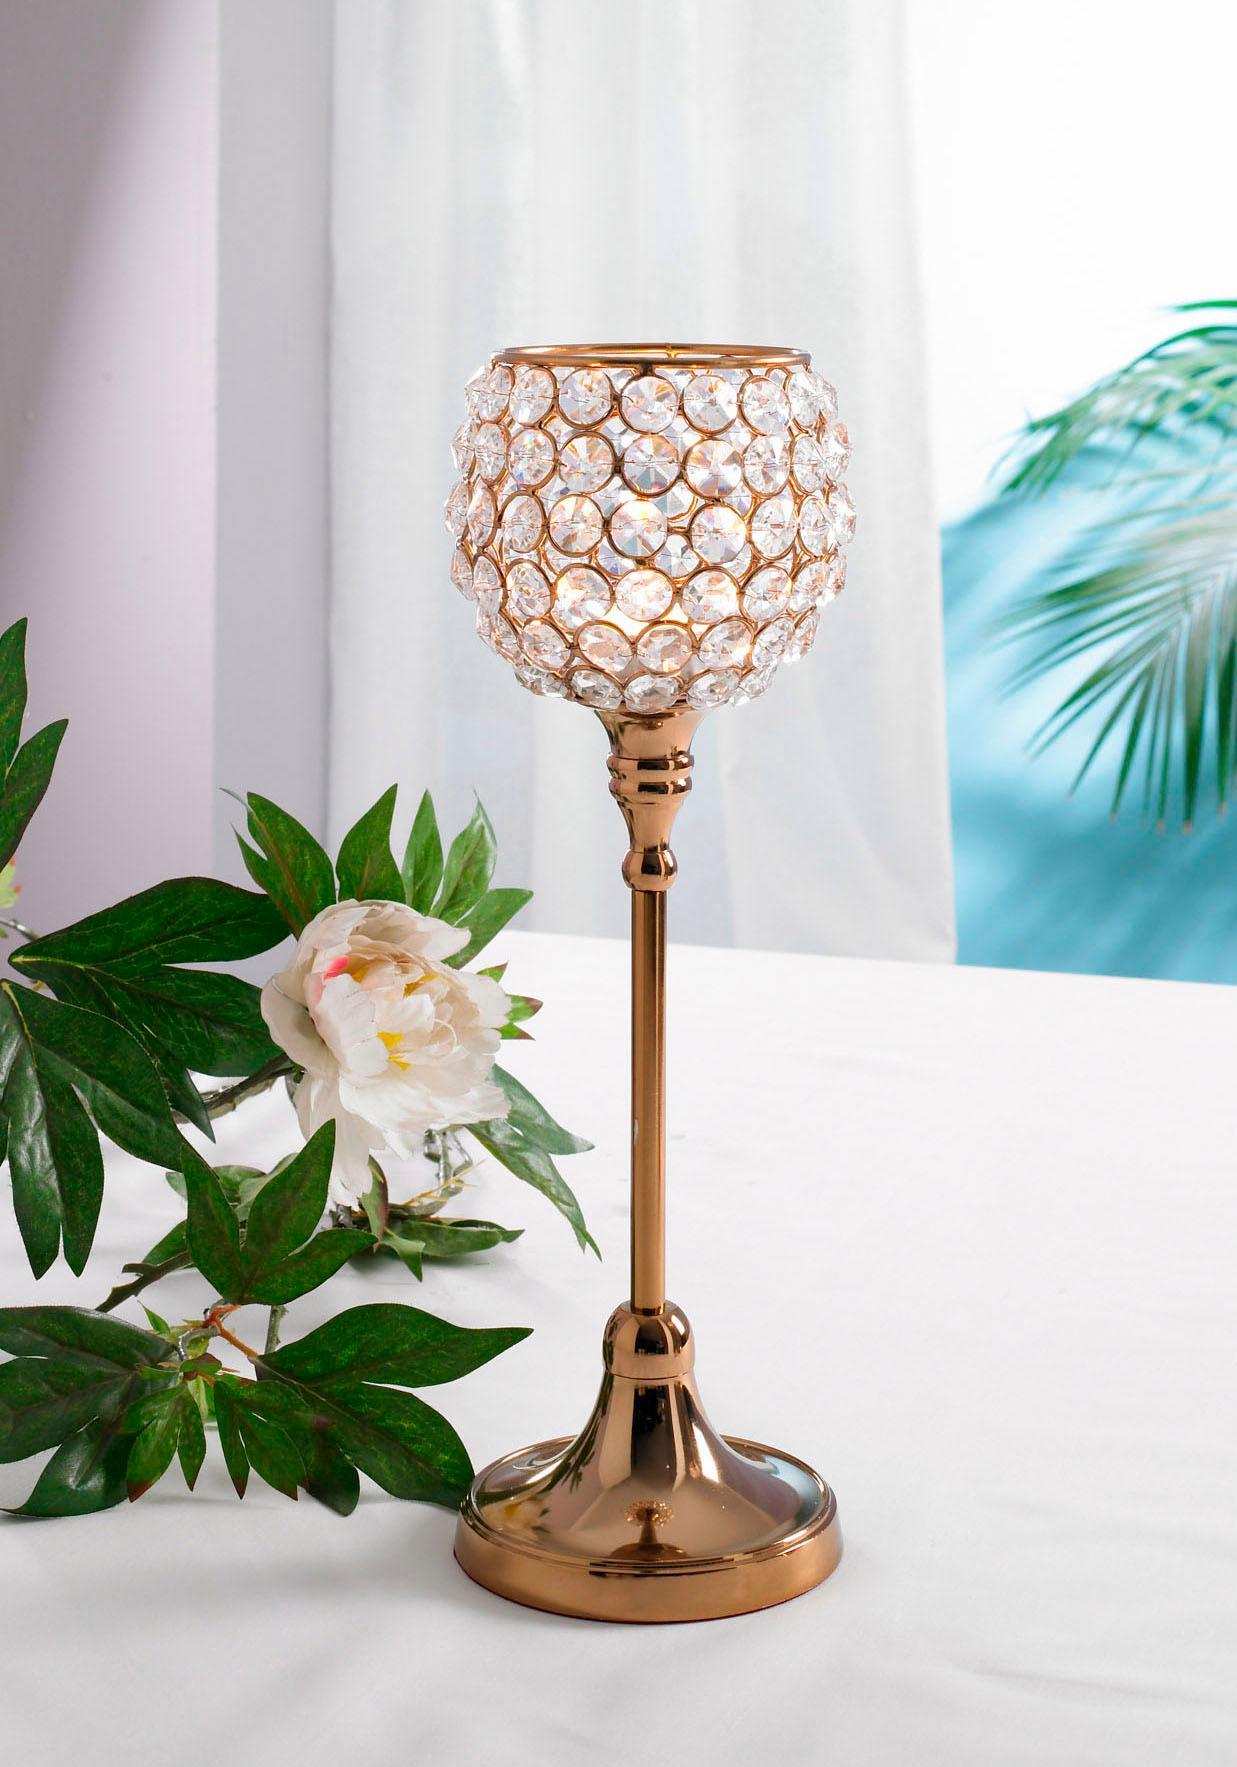 Home affaire Kerzenständer Kristall braun Kerzenhalter Kerzen Laternen Wohnaccessoires